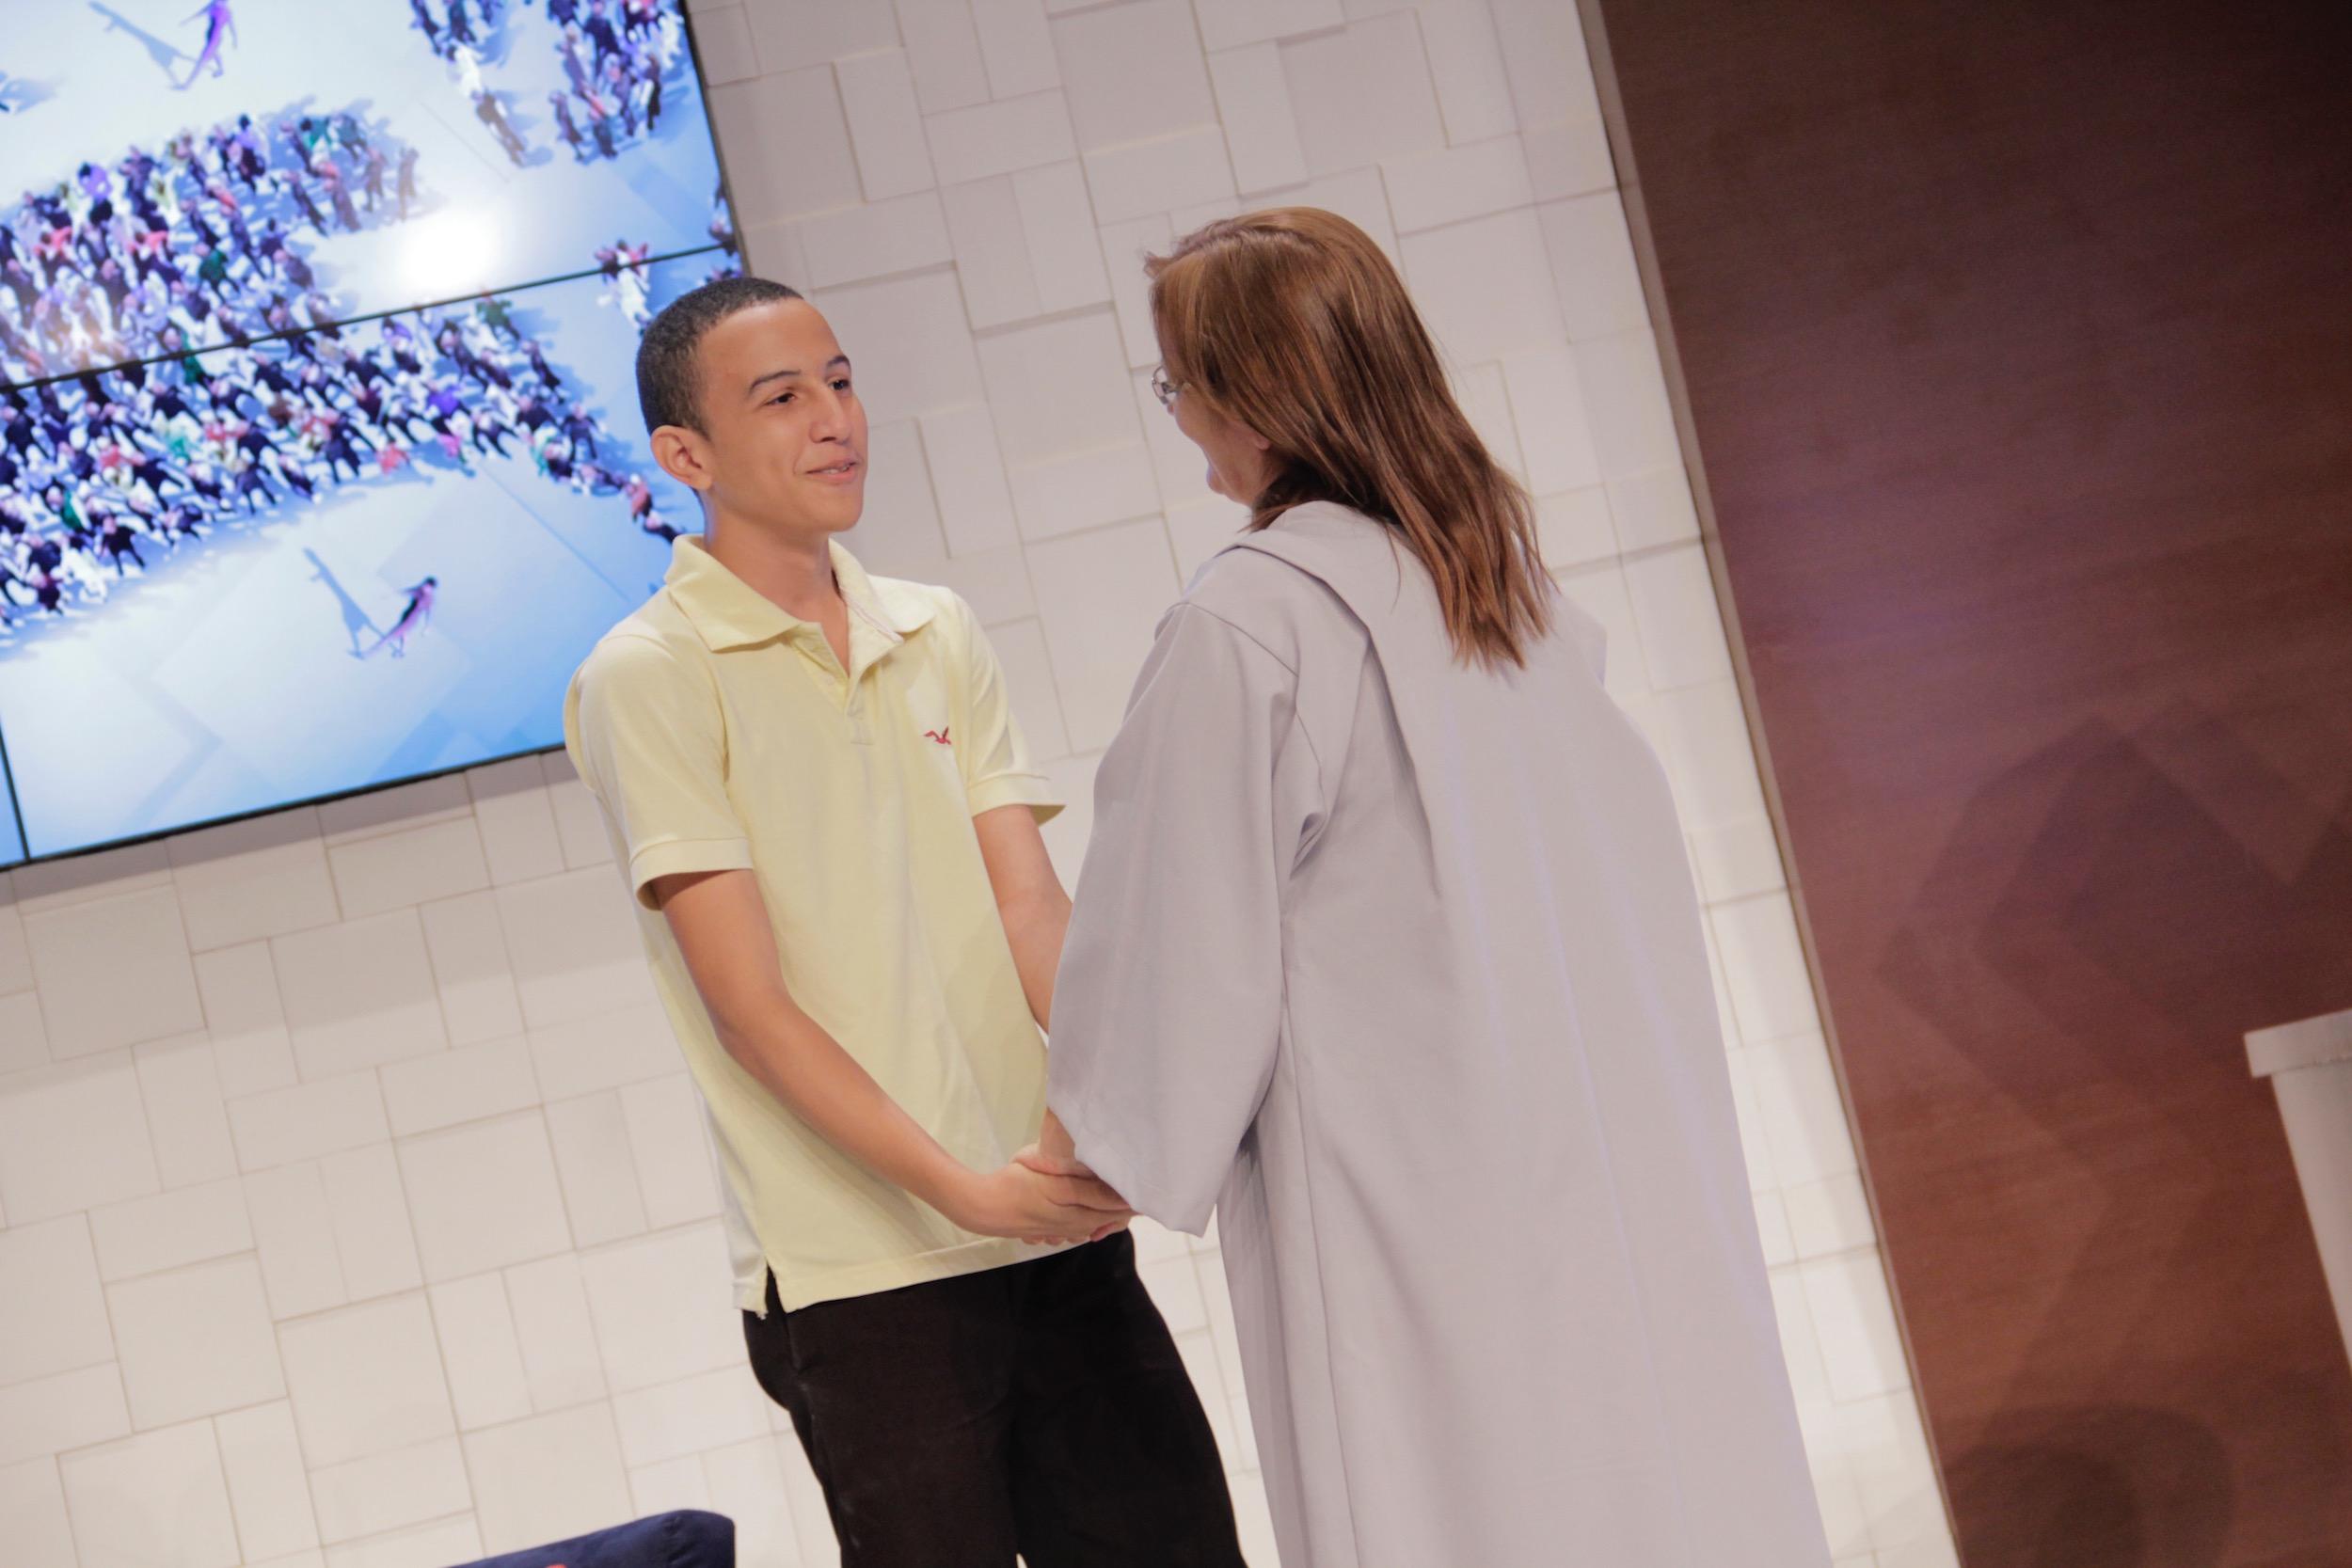 O encontro entre Elivando e Almira emocionou a todos. Do contato virtual ao momento pessoal: instrutor e instruída querem fazer mais discípulos.